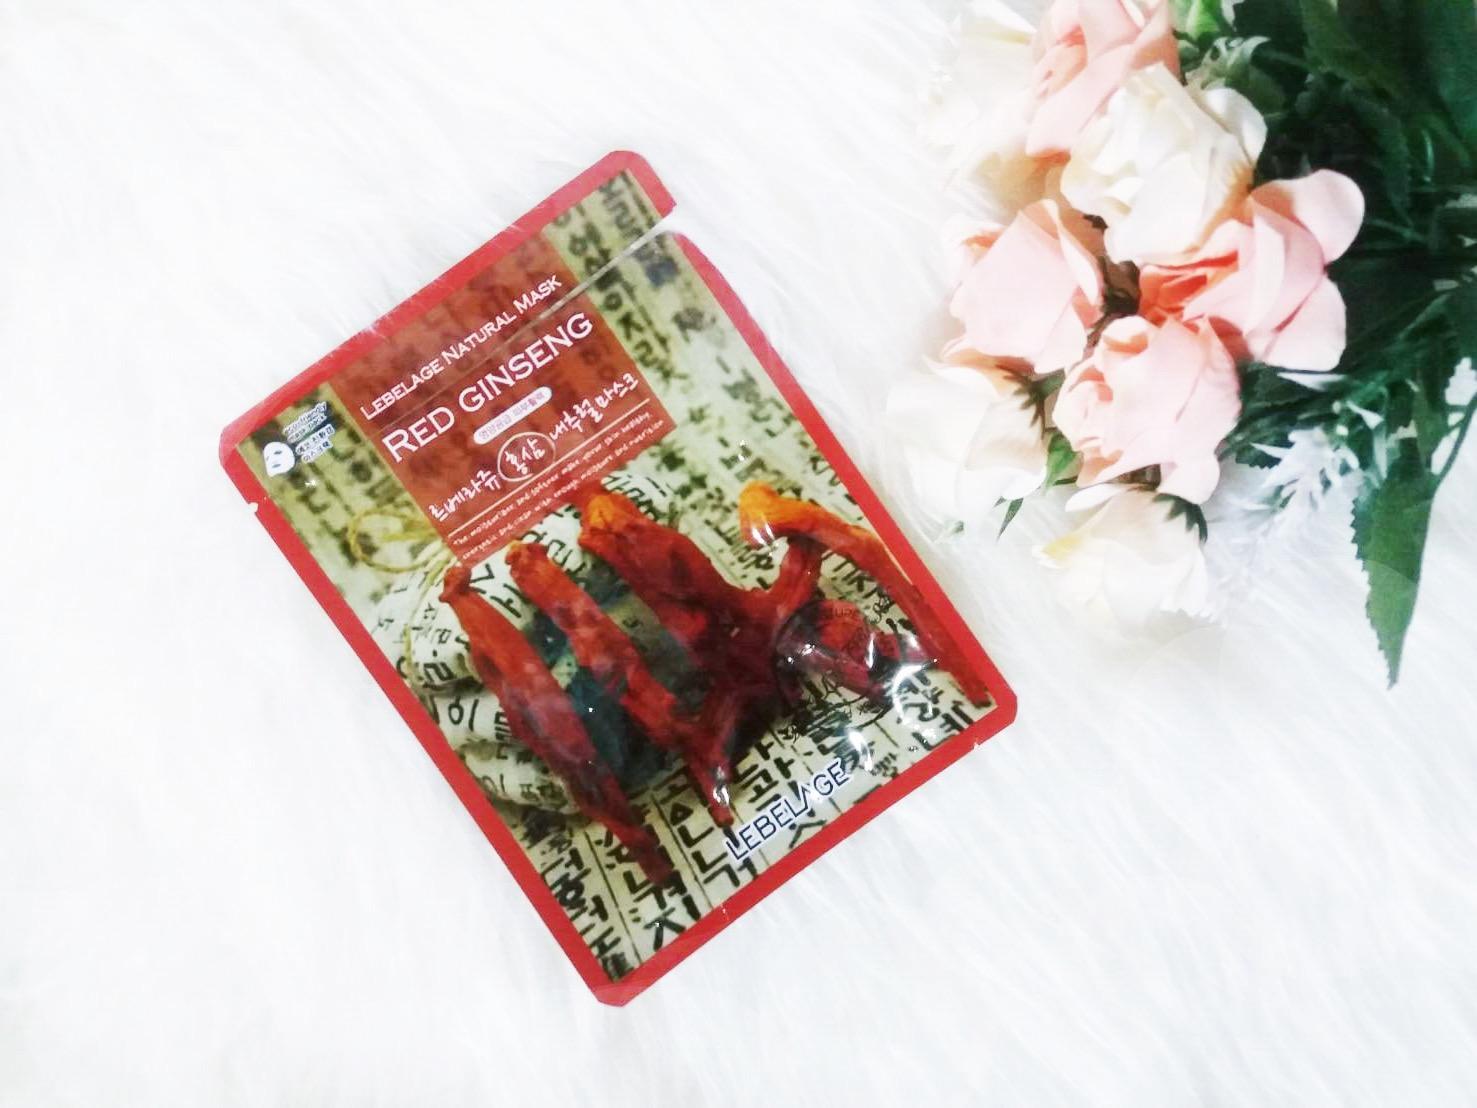 Masker Lebelage Red Ginseng